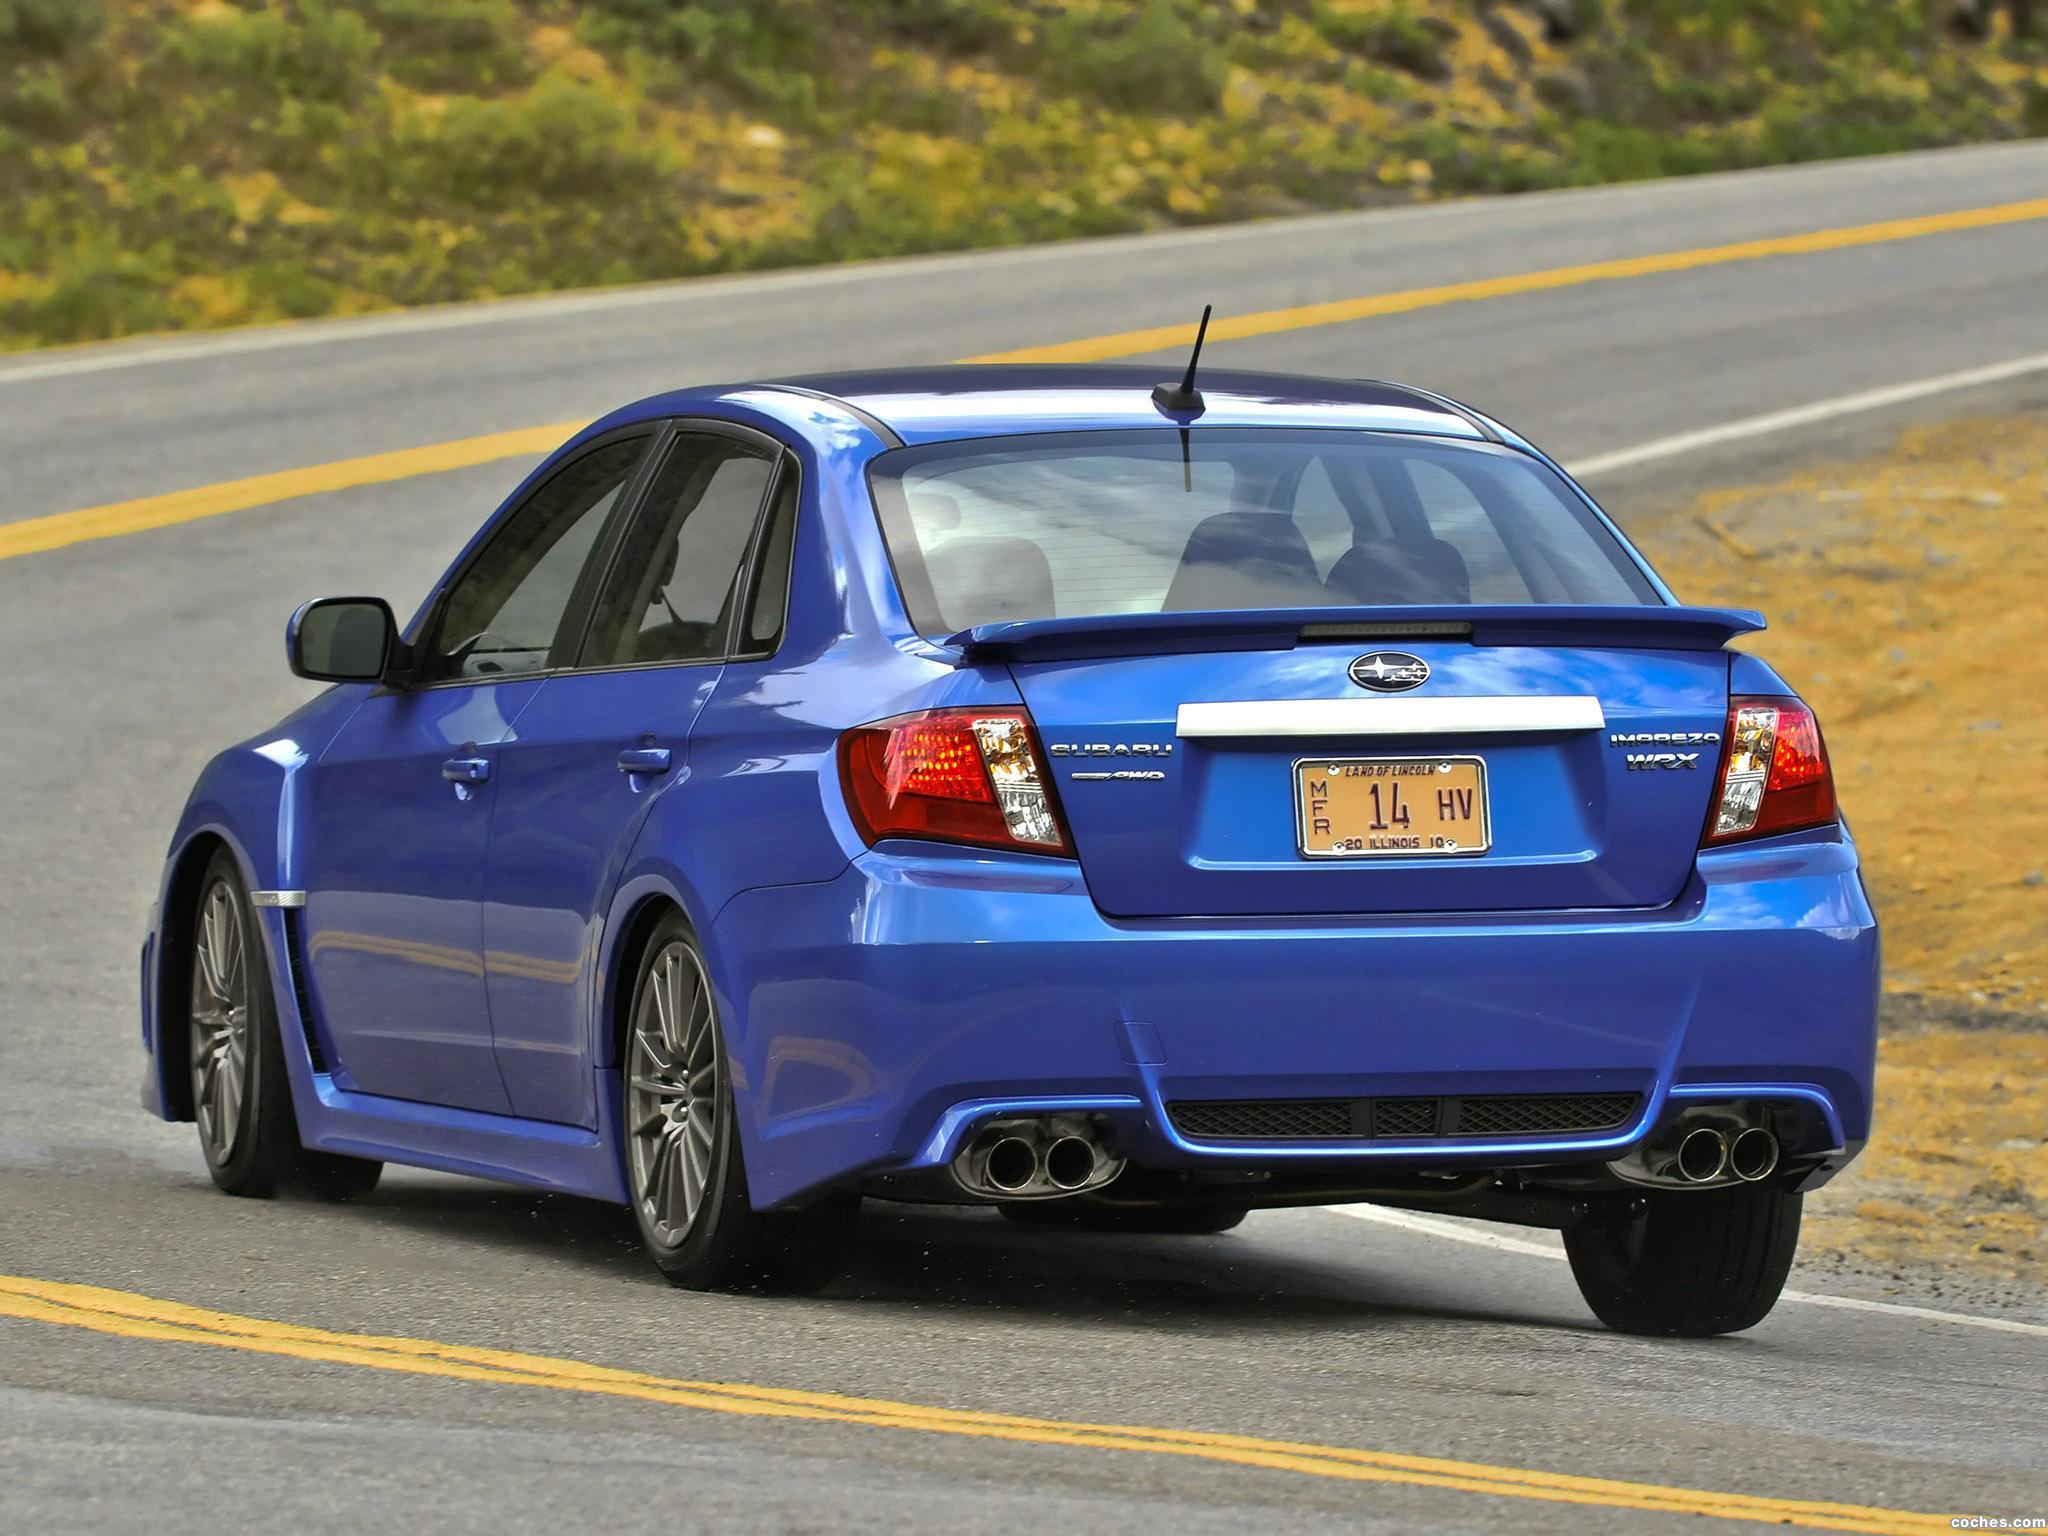 Foto 9 de Subaru Impreza WRX Sedan USA 2010